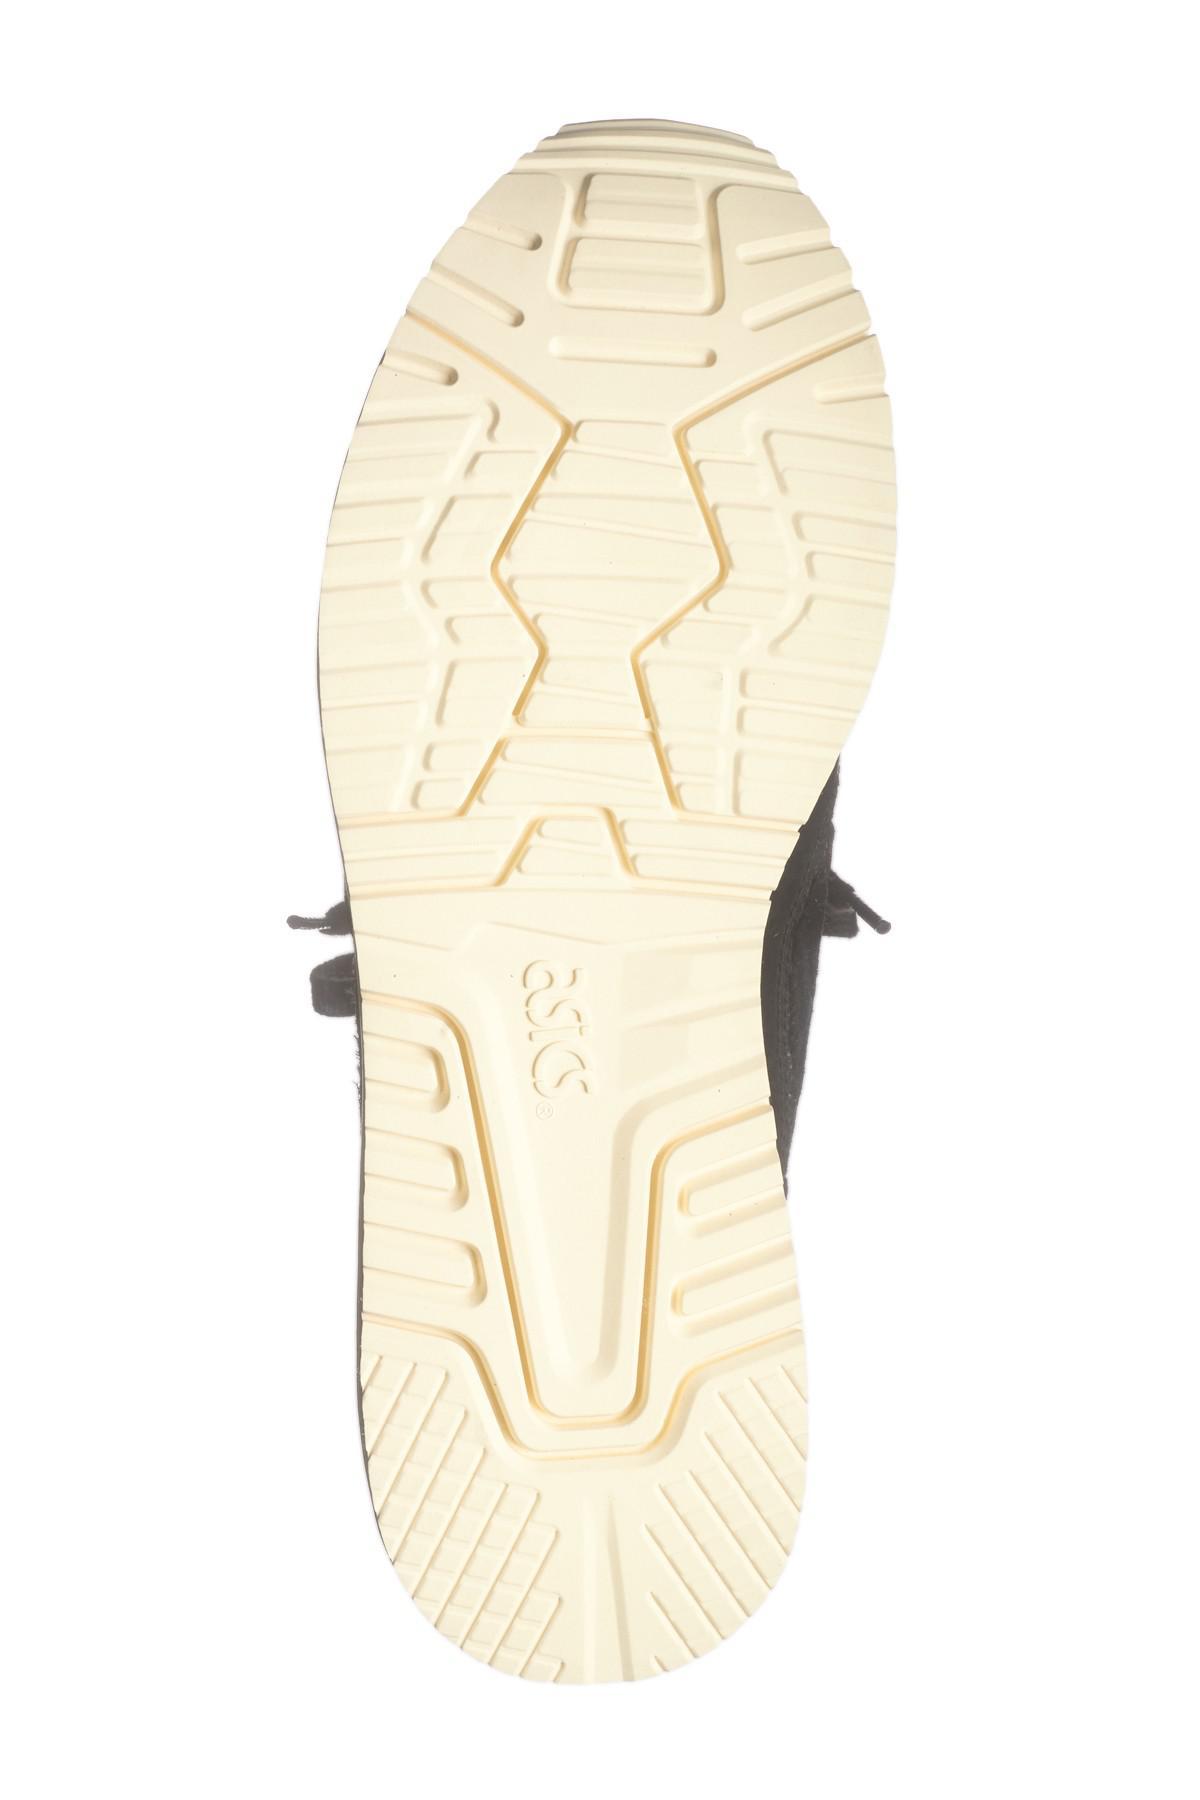 wholesale dealer dd6a5 ac421 Lyst - Asics Gel-lyte Iii Leather Running Sneaker in Black ...